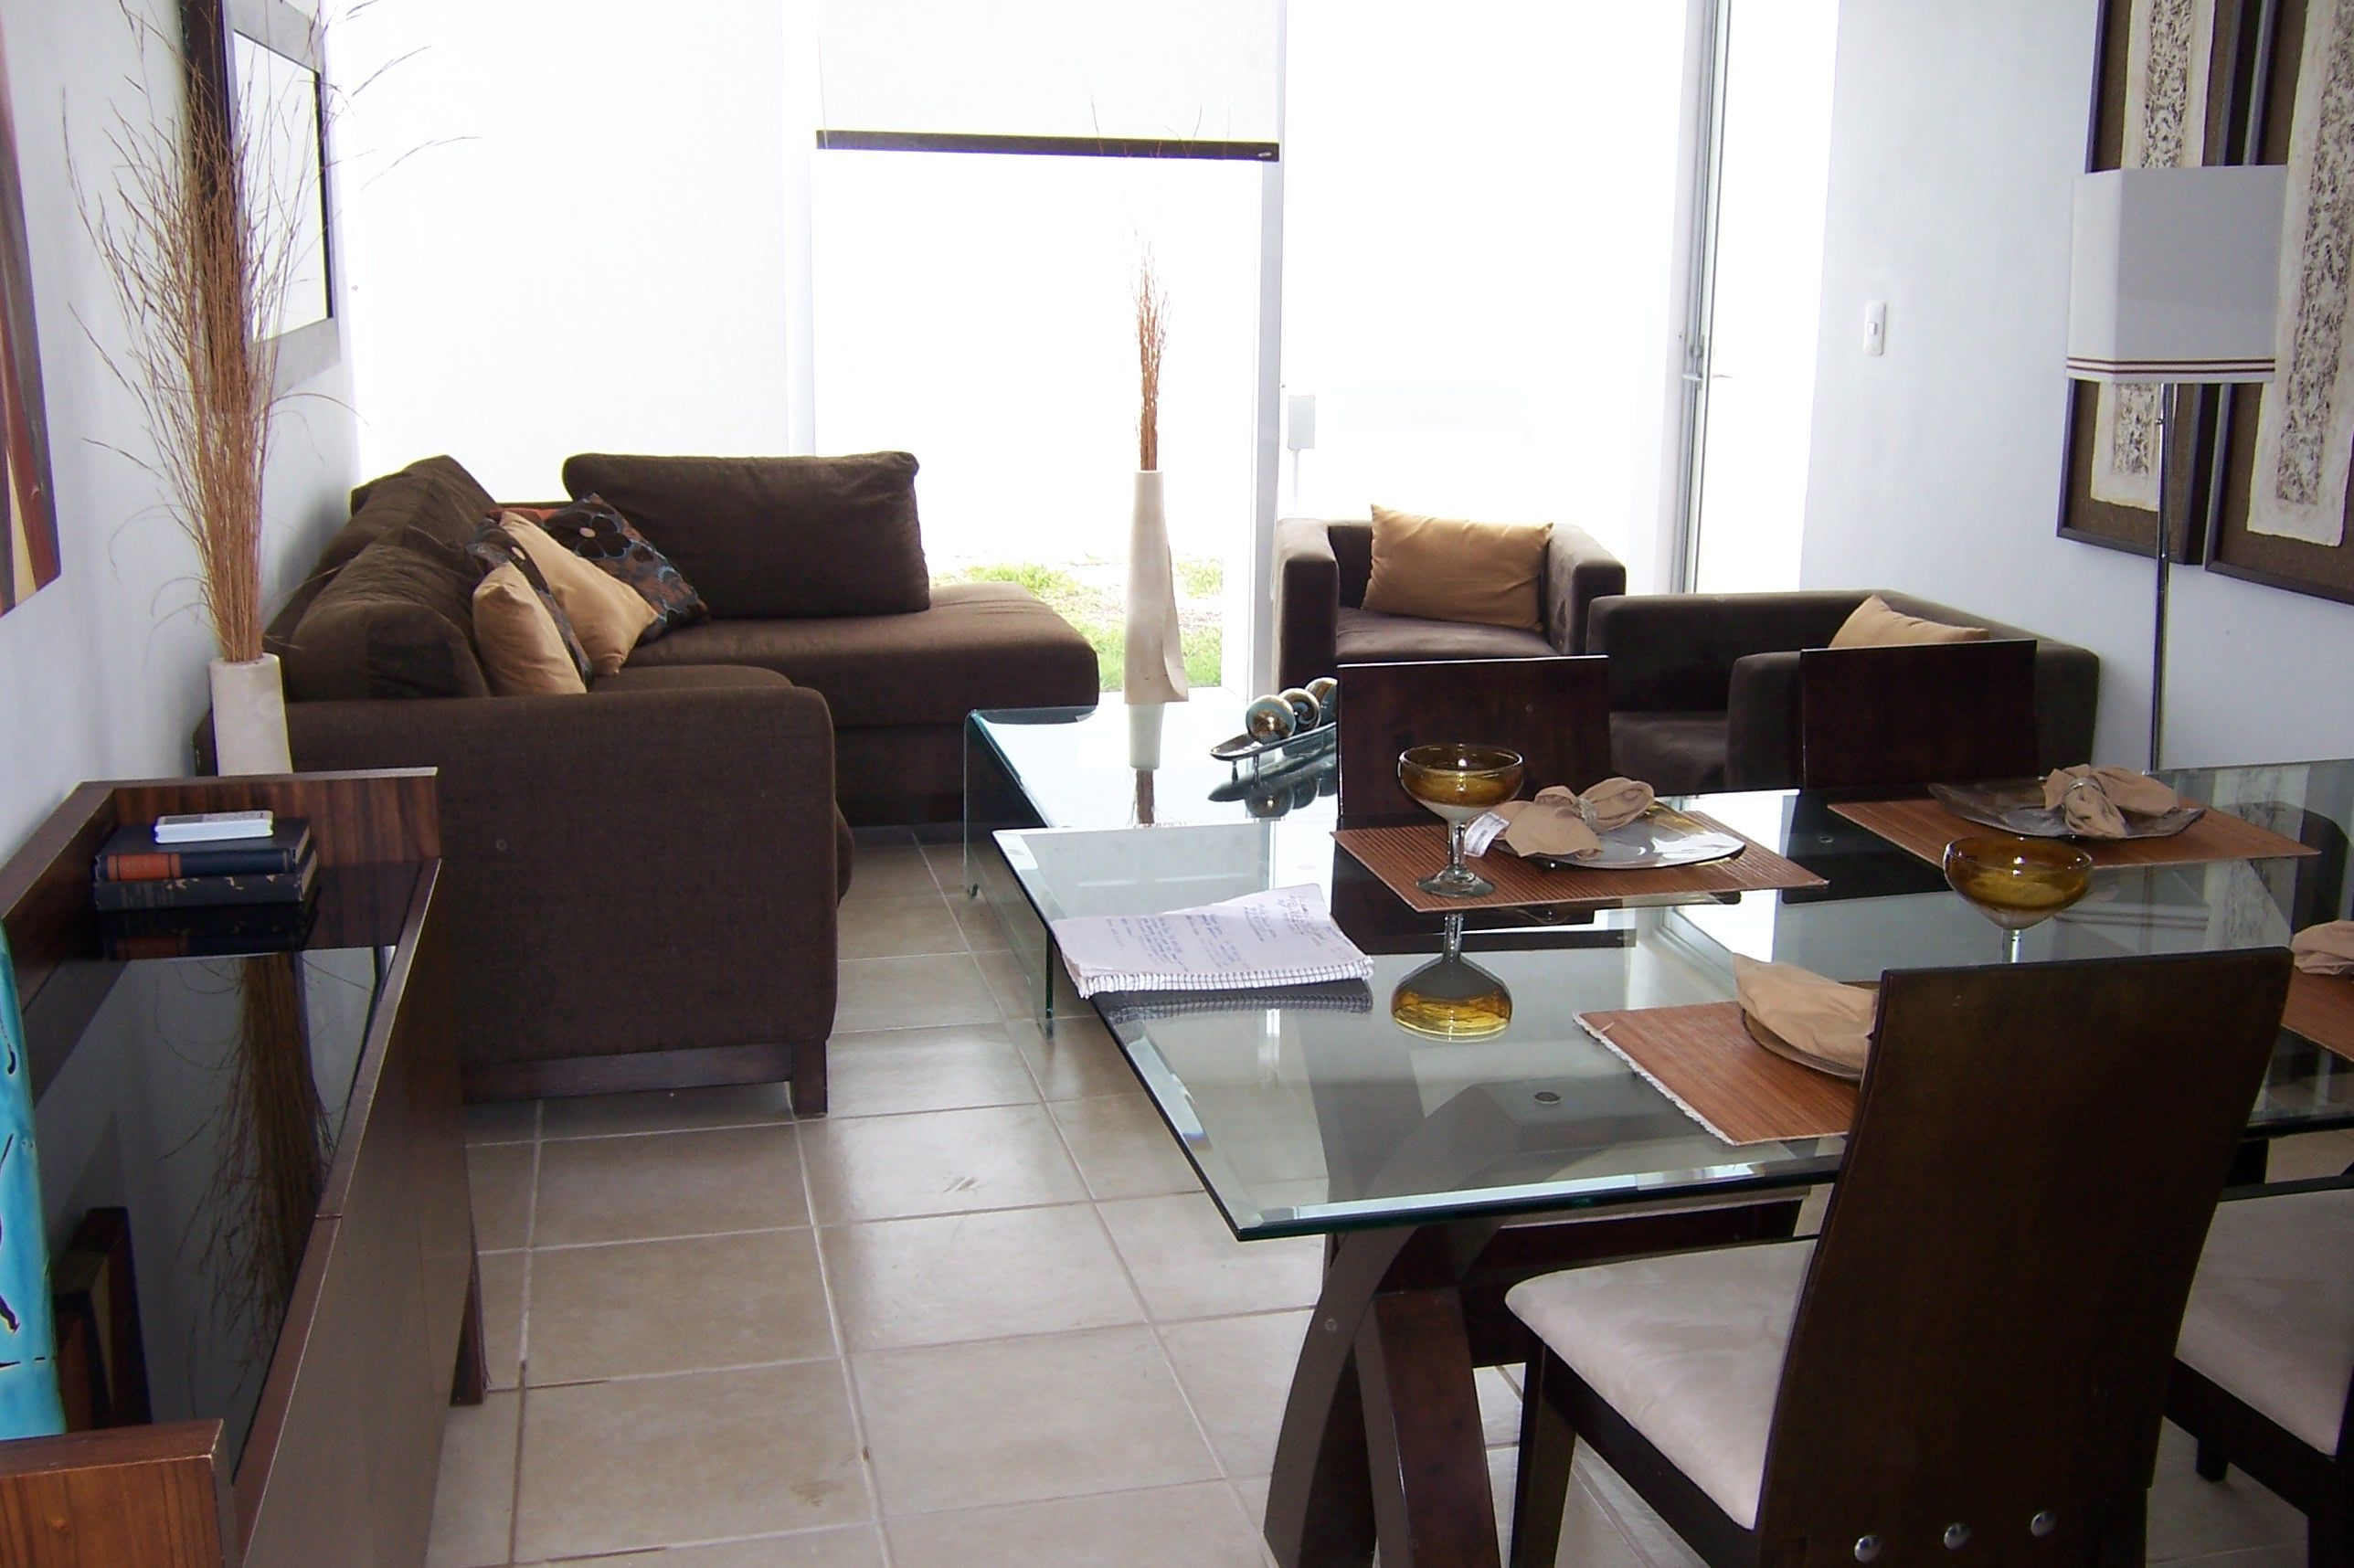 salas modernas muebles para cocinas modernos departamentos fotos de decoraci n decoracion de